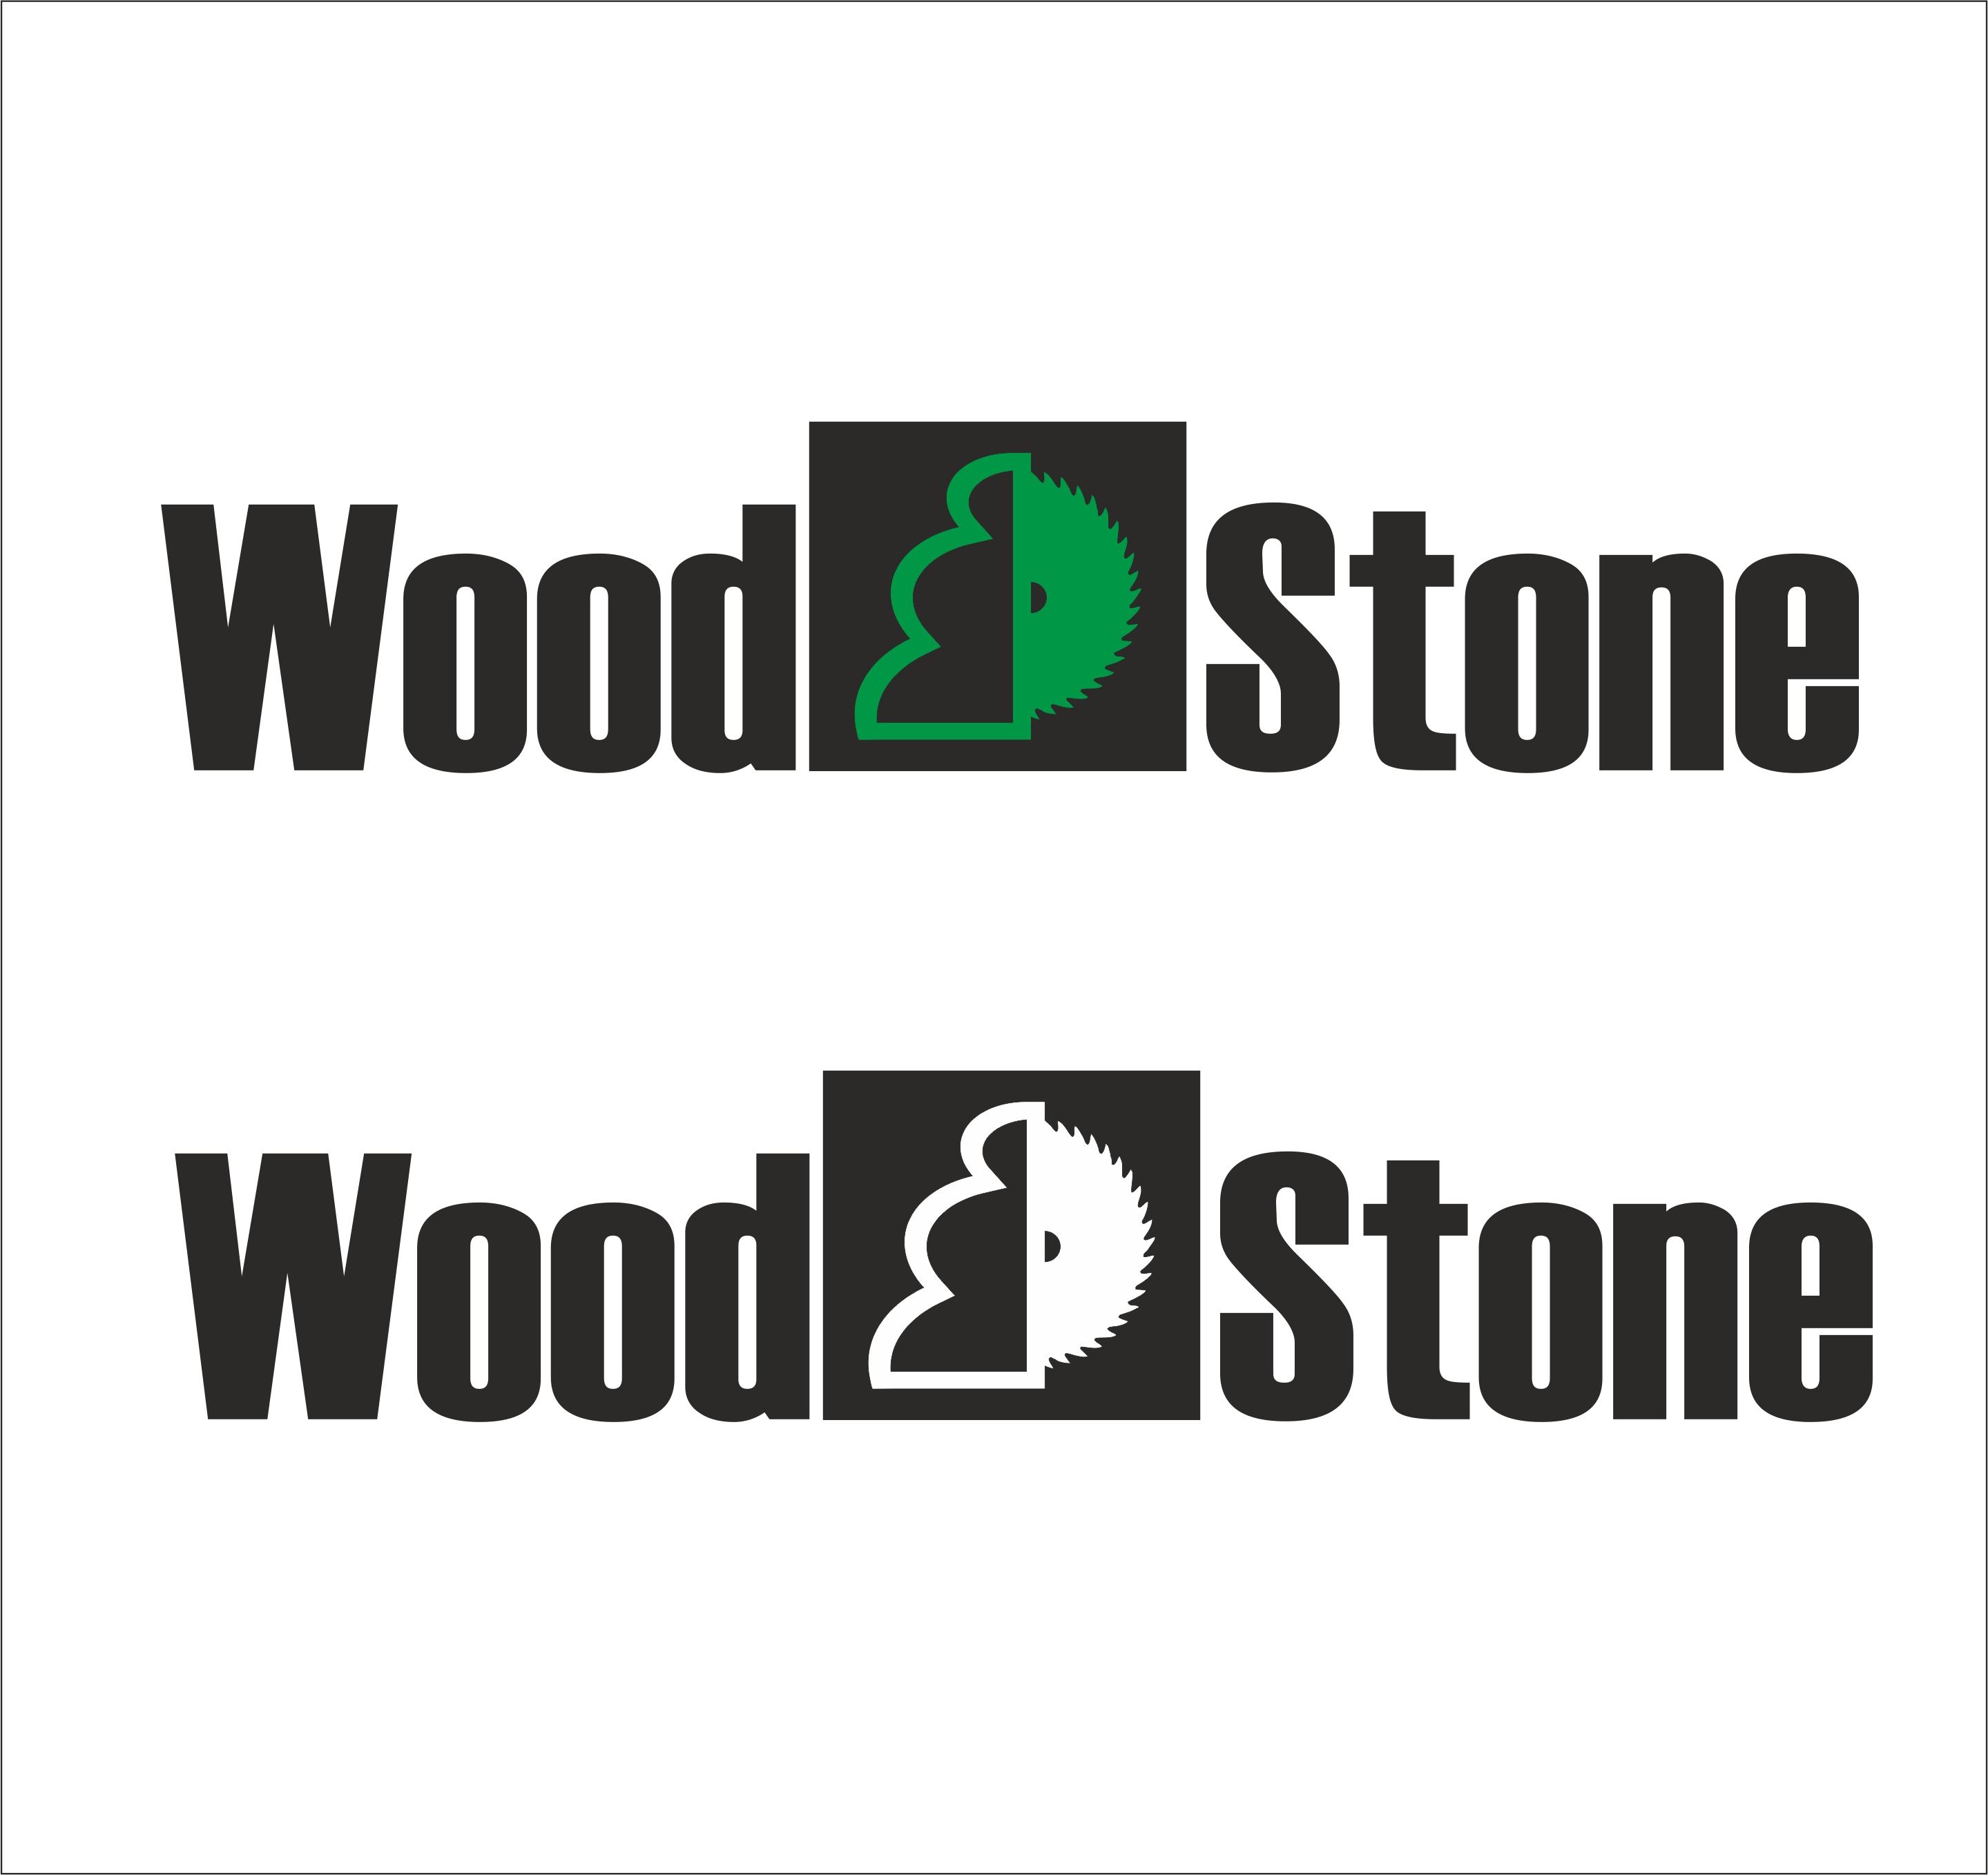 Логотип и Фирменный стиль фото f_2475497c67fa64c8.jpg